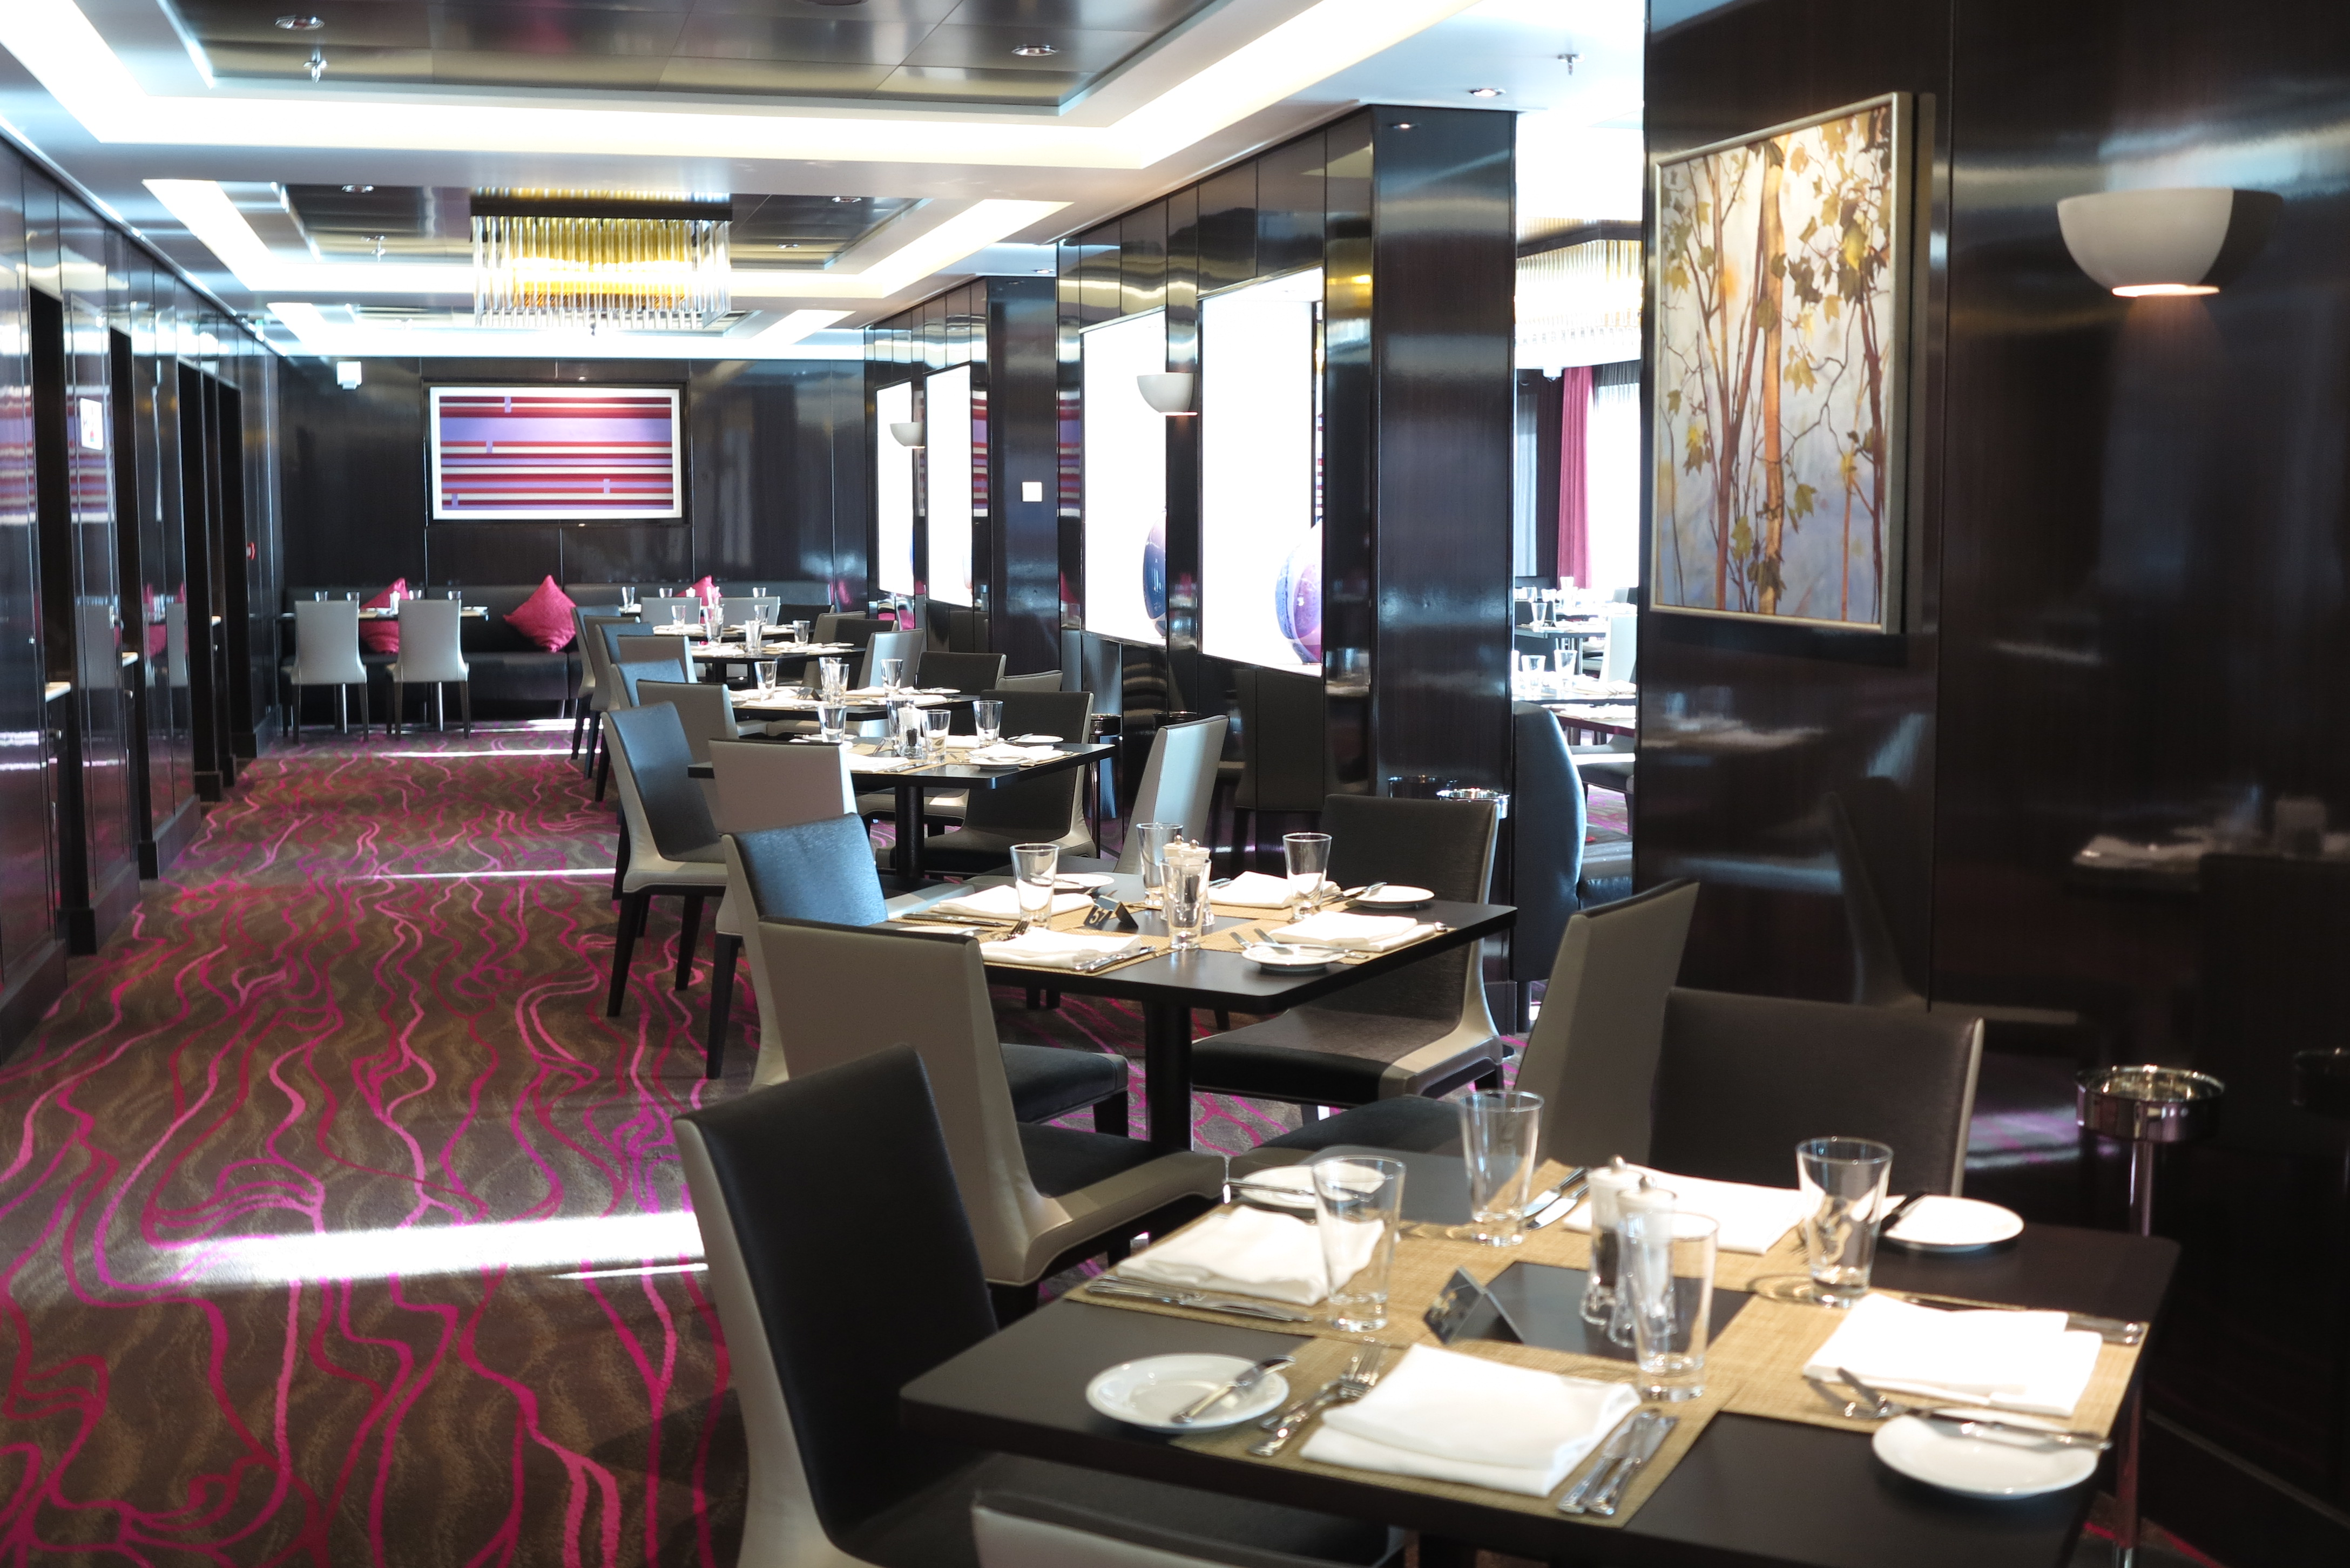 Tasty: The Taste restaurant (Picture: Dave Monk)